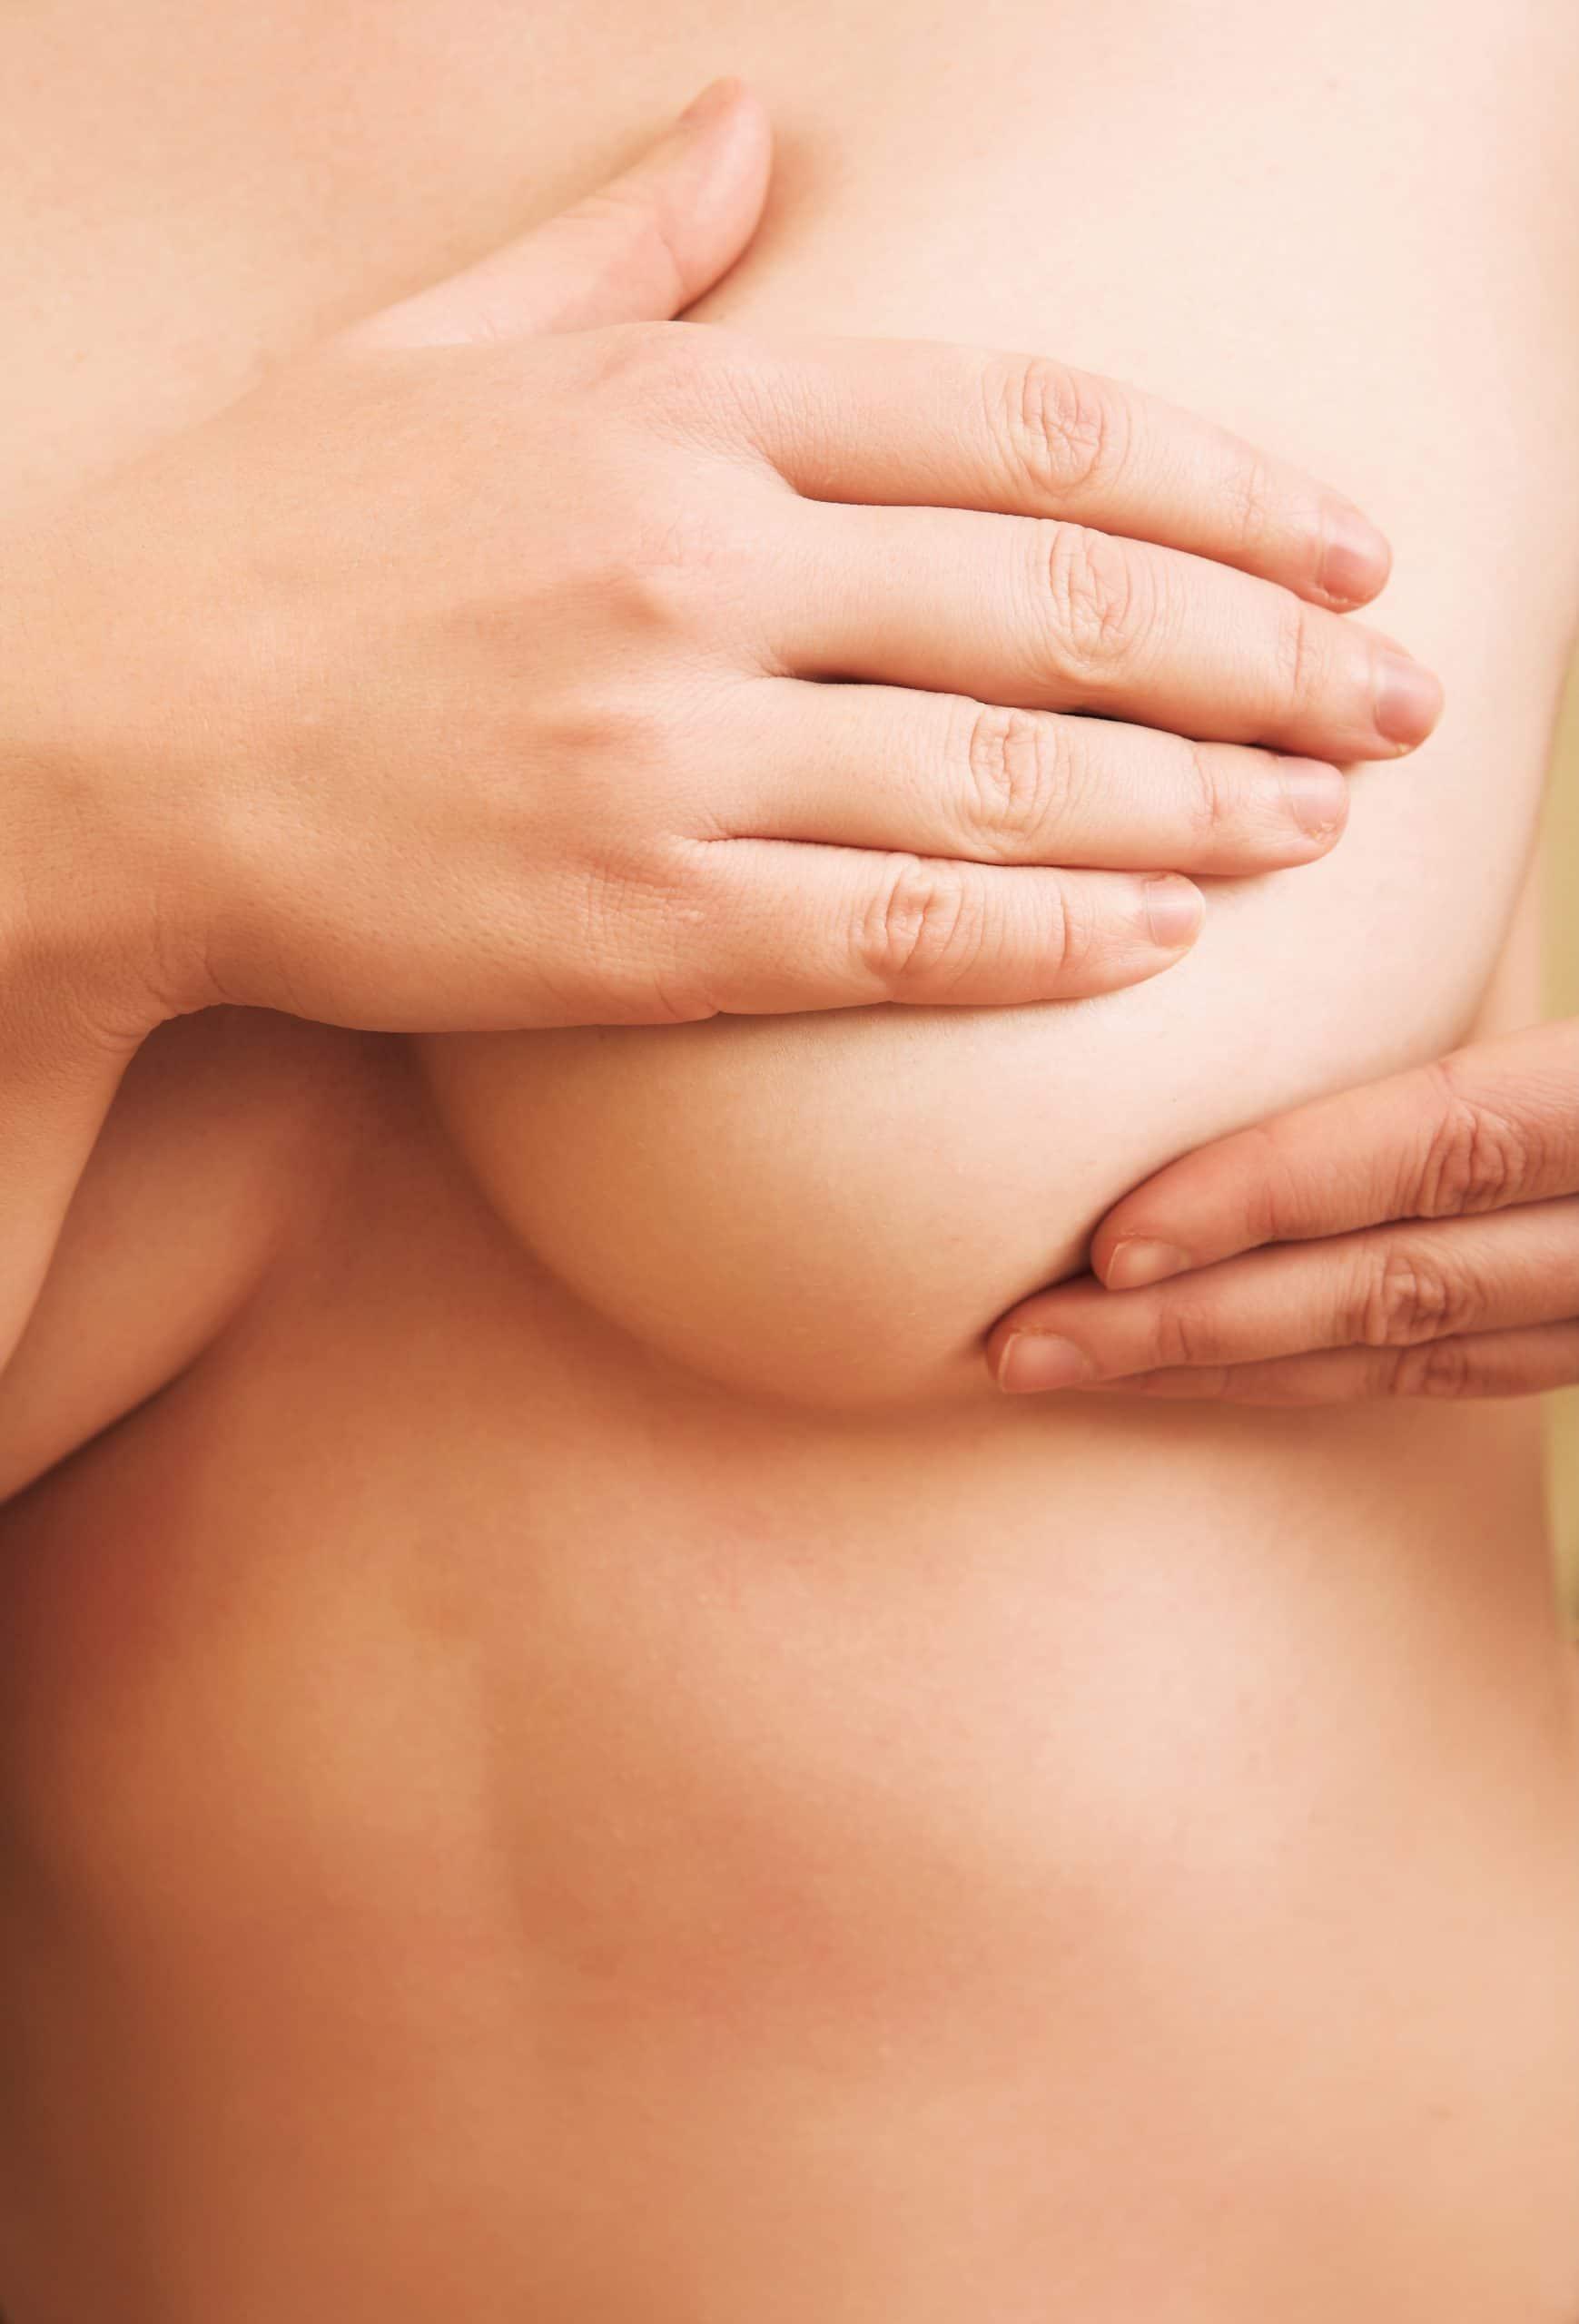 Brustkrebs-Früherkennung Frauenarztpraxis Dr. Englisch. Gebärmutterhalskrebs.